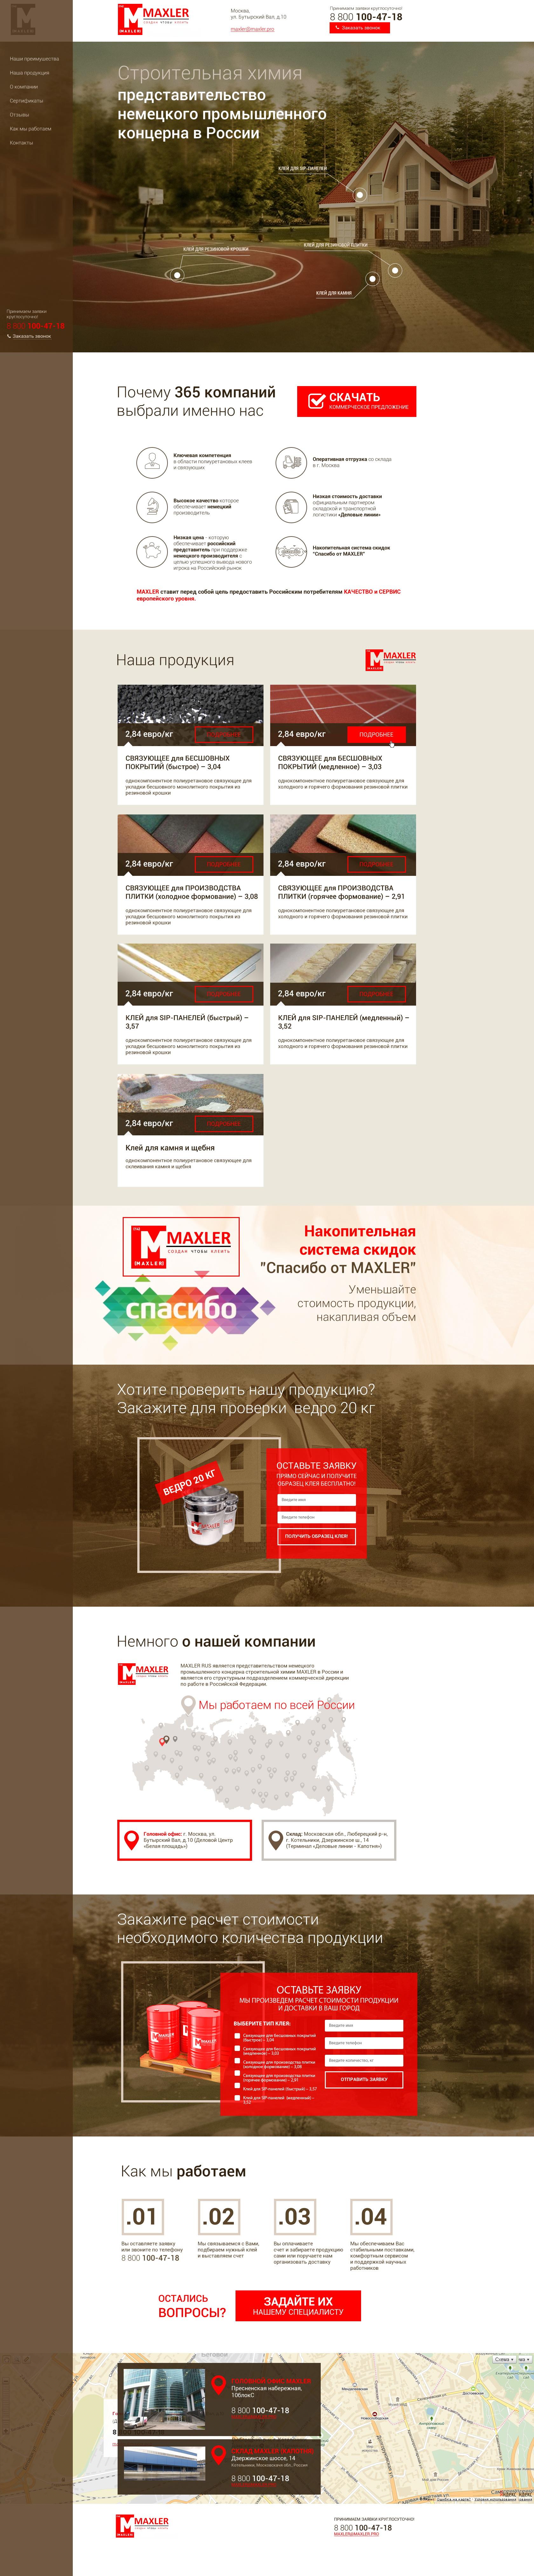 Landing page: Maxler